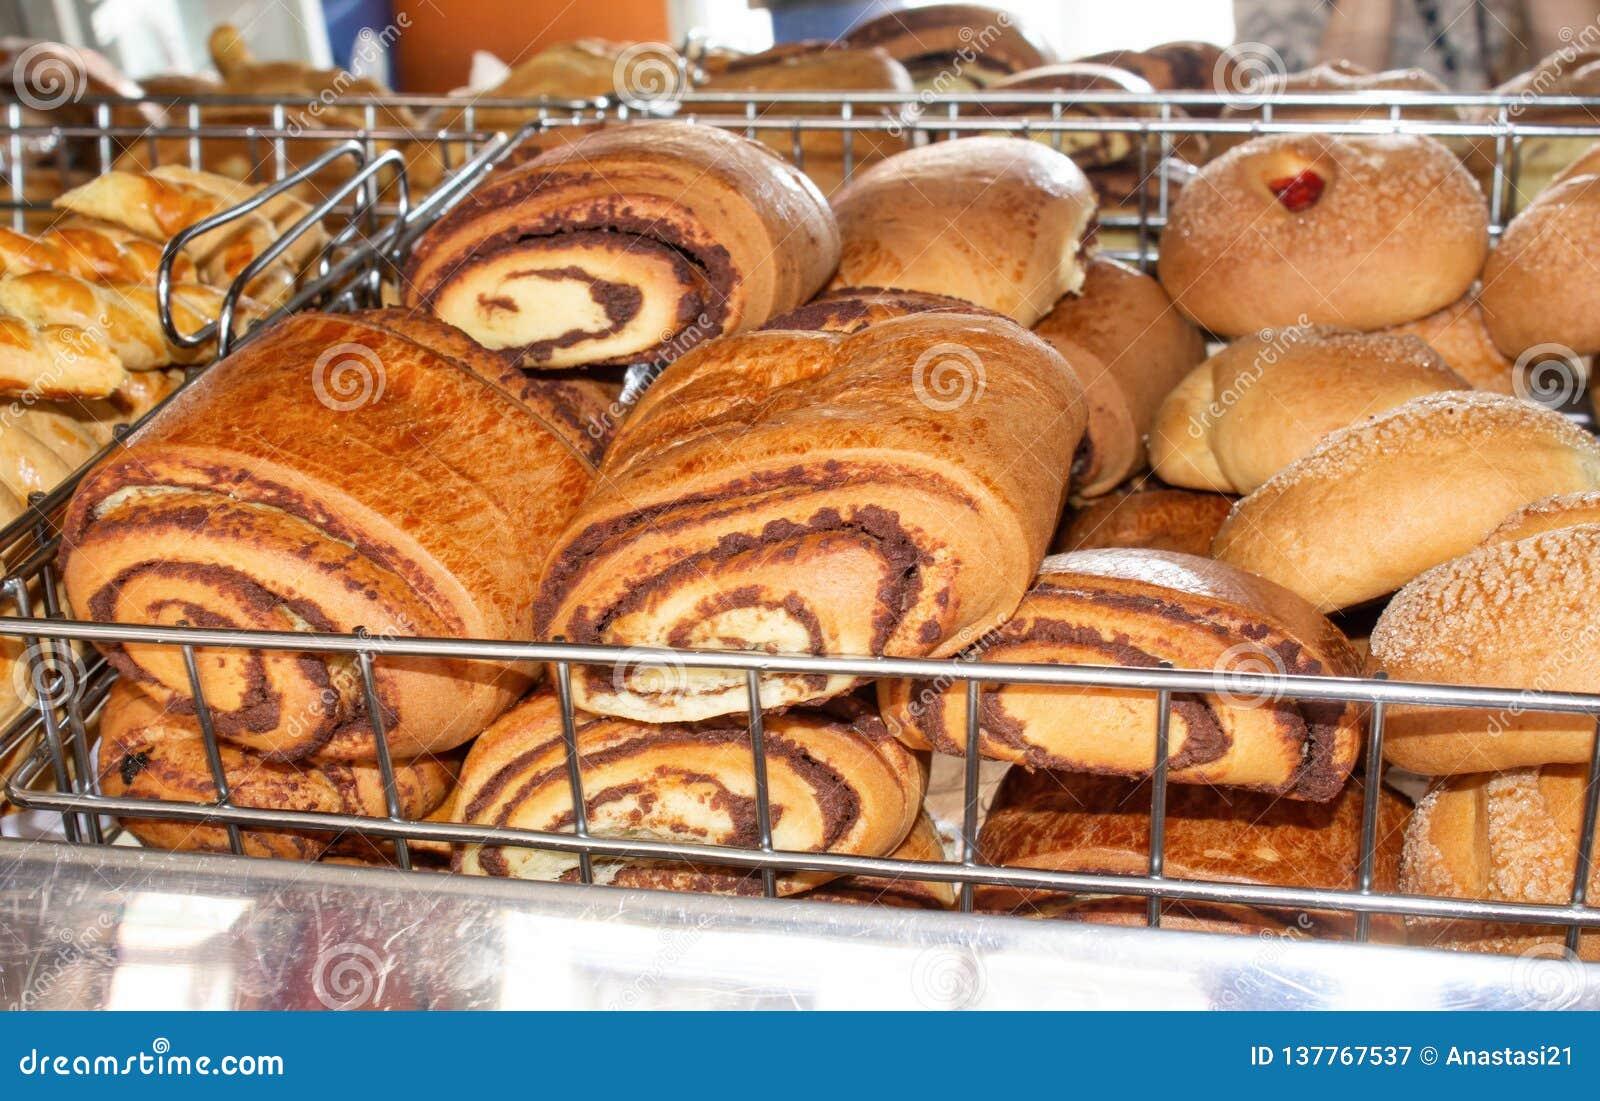 Pan recientemente cocido, estantes con los bollos dulces en la ventana confitería Quito, Ecuador